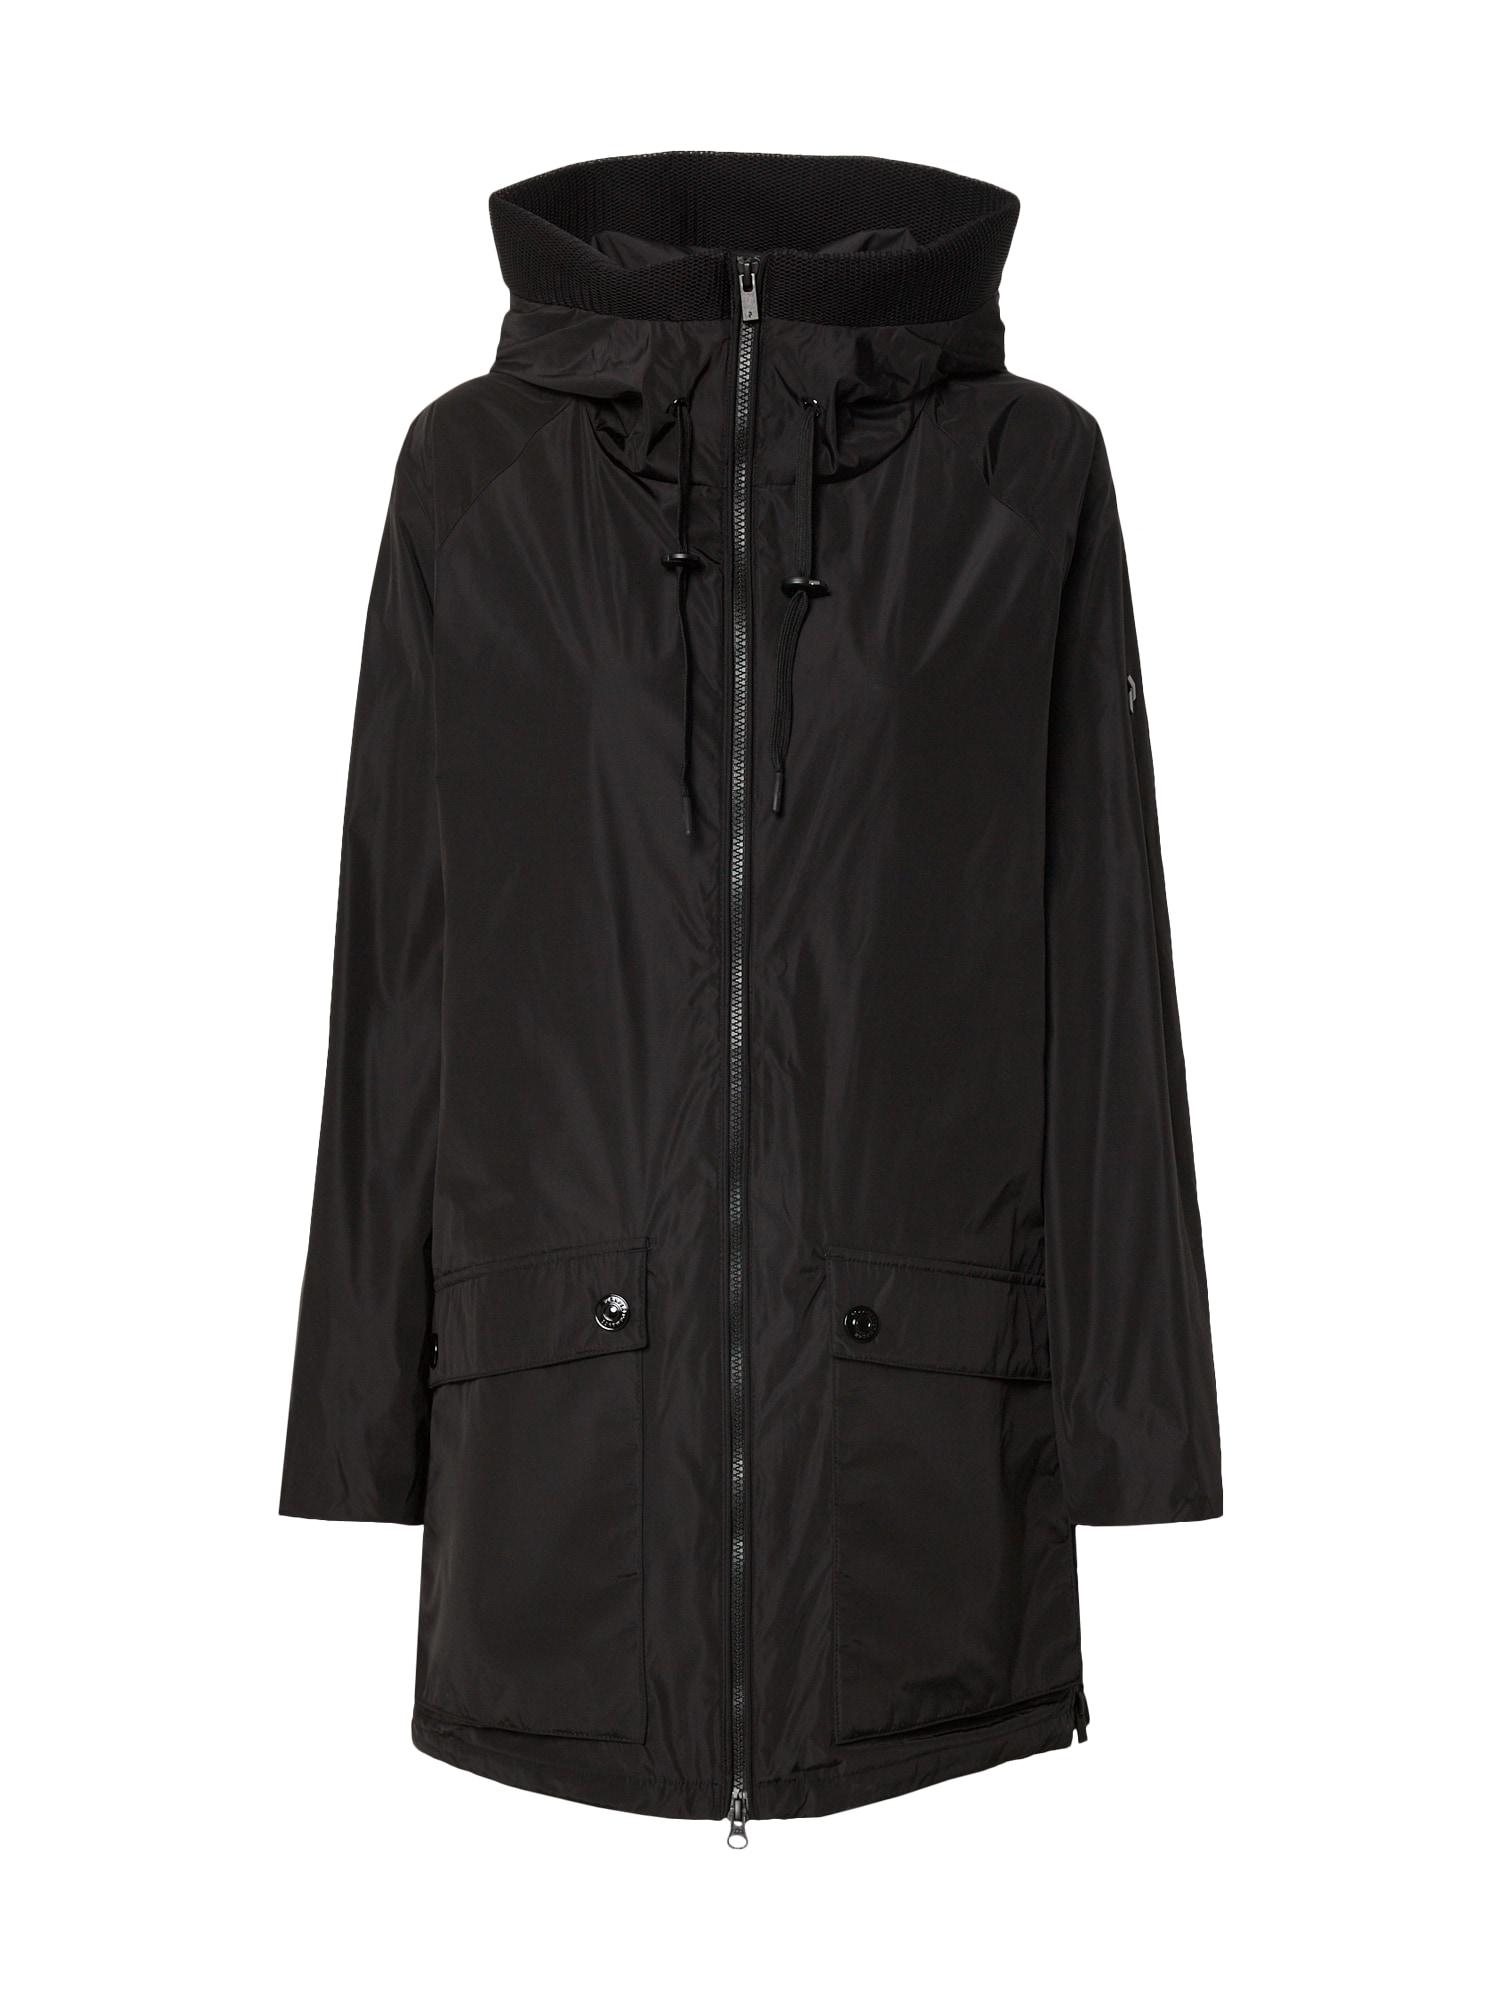 PEAK PERFORMANCE Rudeninis-žieminis paltas 'STELLA' juoda